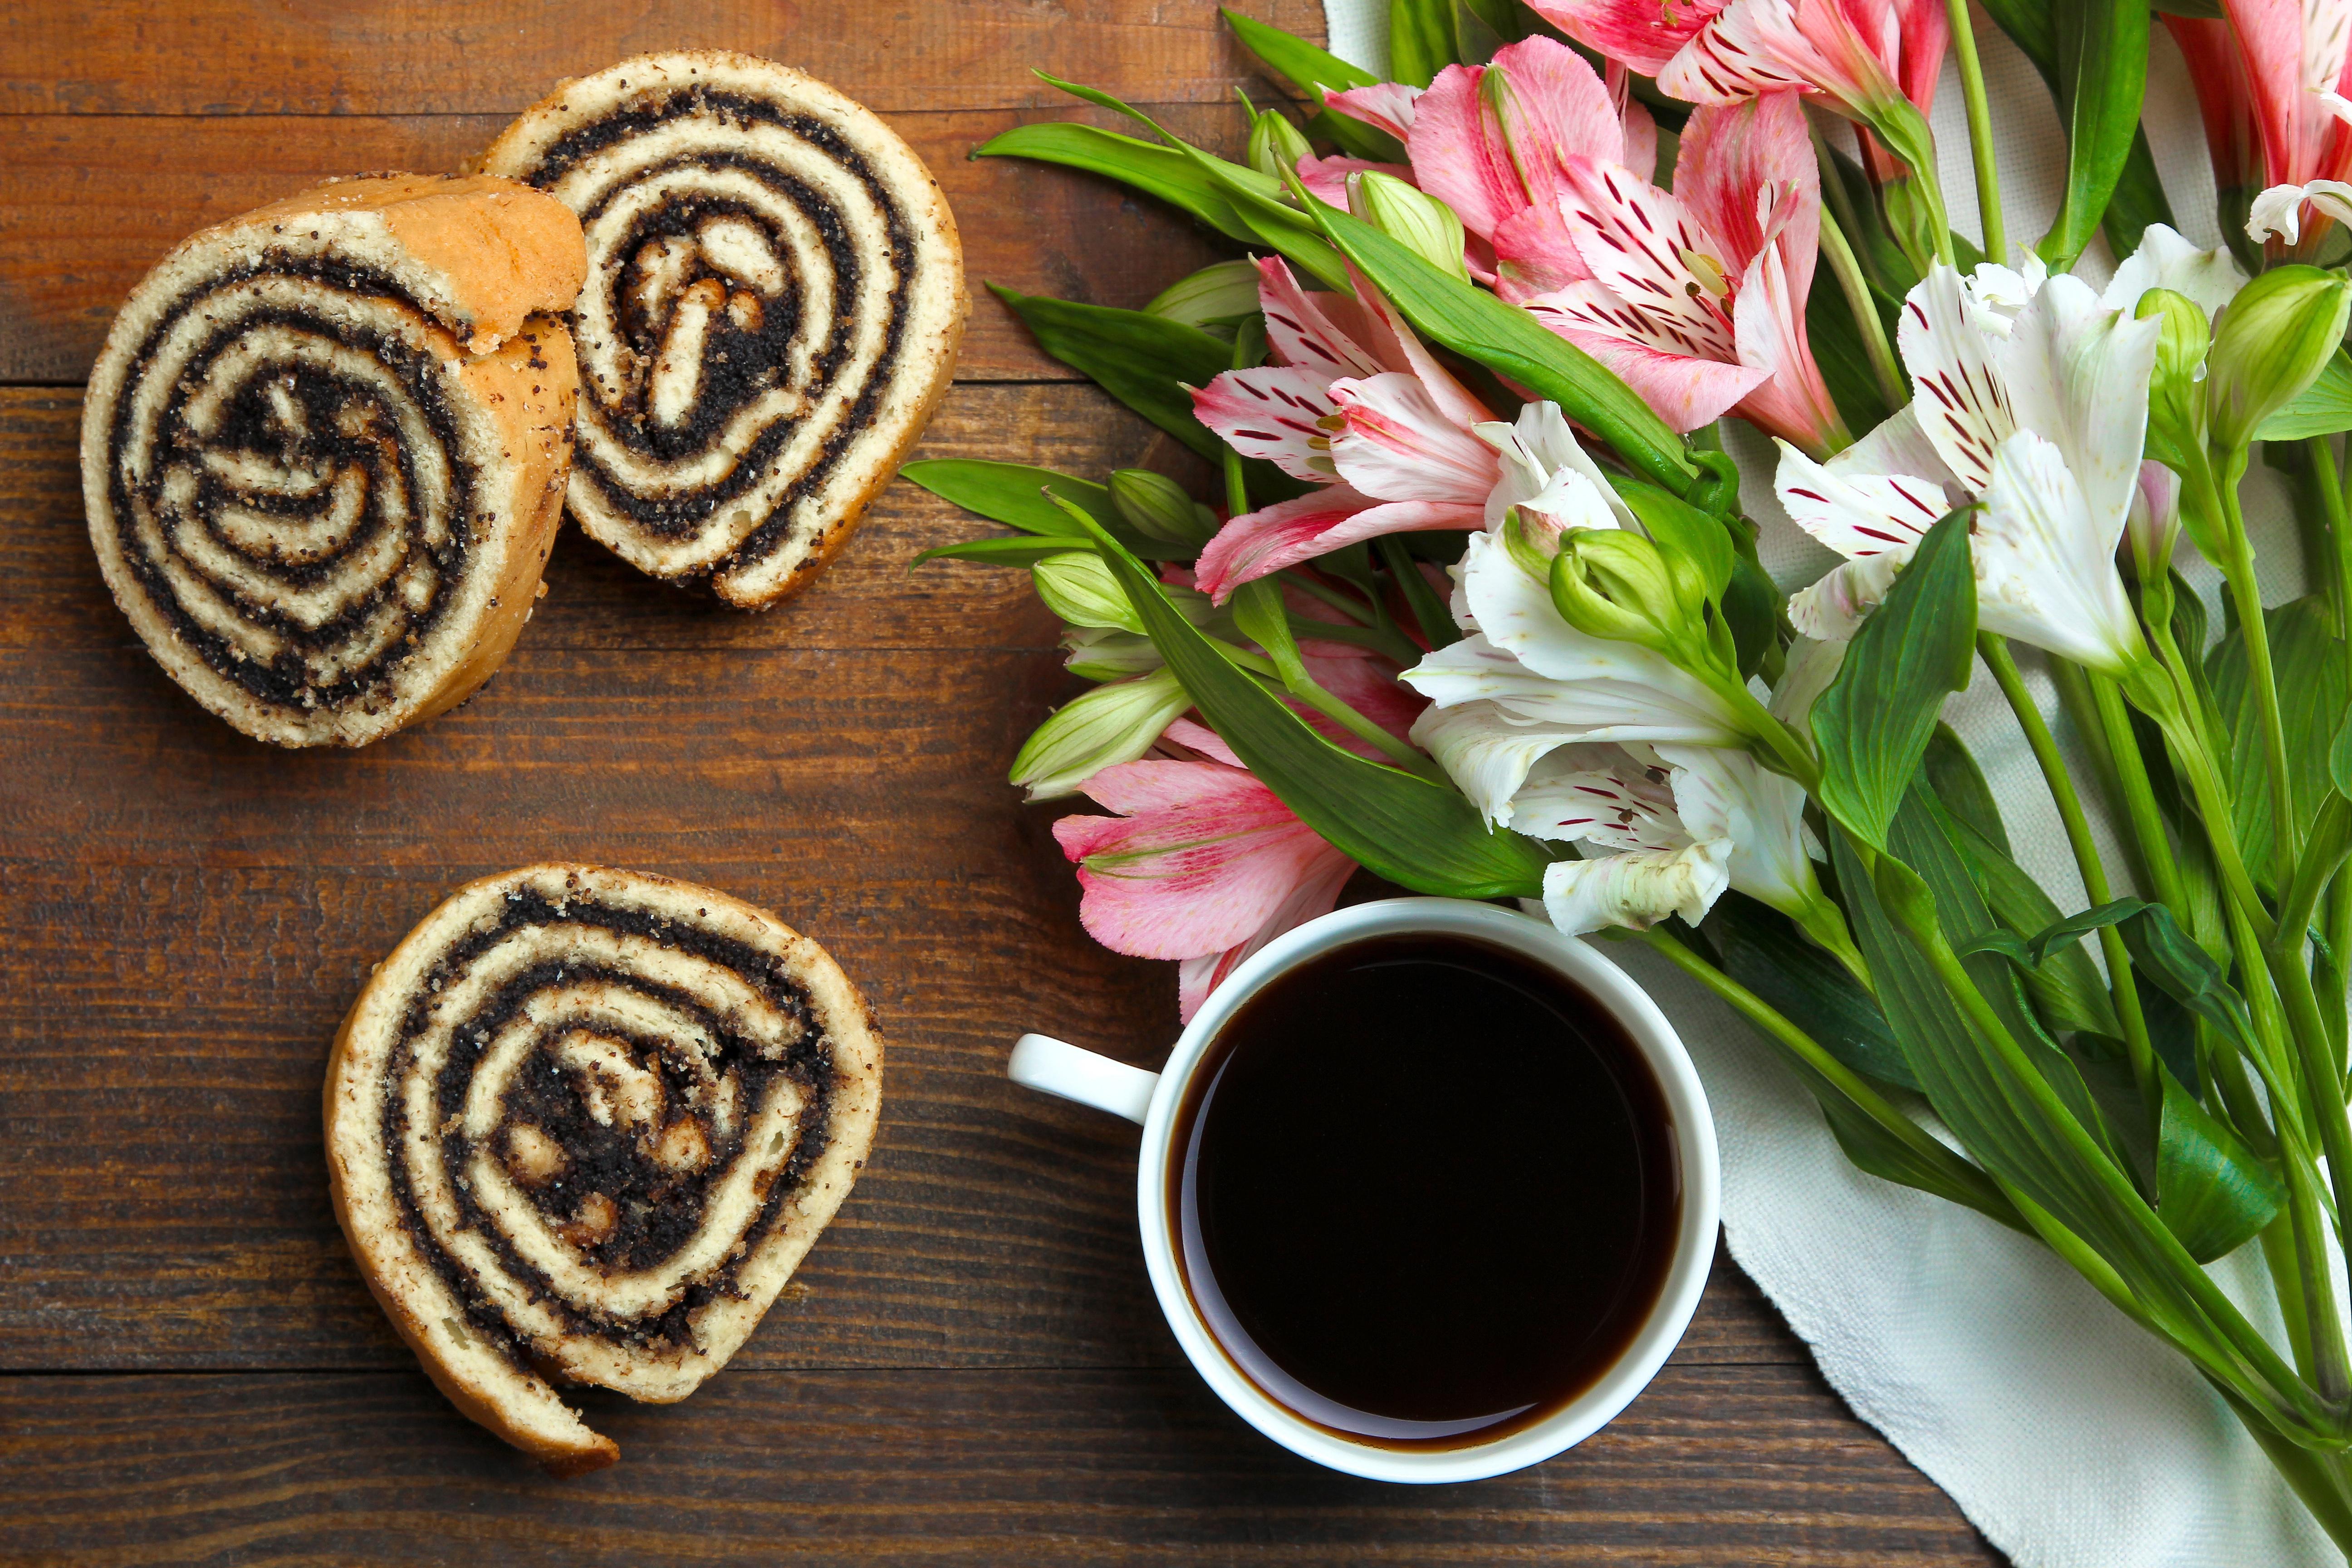 Картинки с цветами и кофе, открытка стиле скрапбукинга